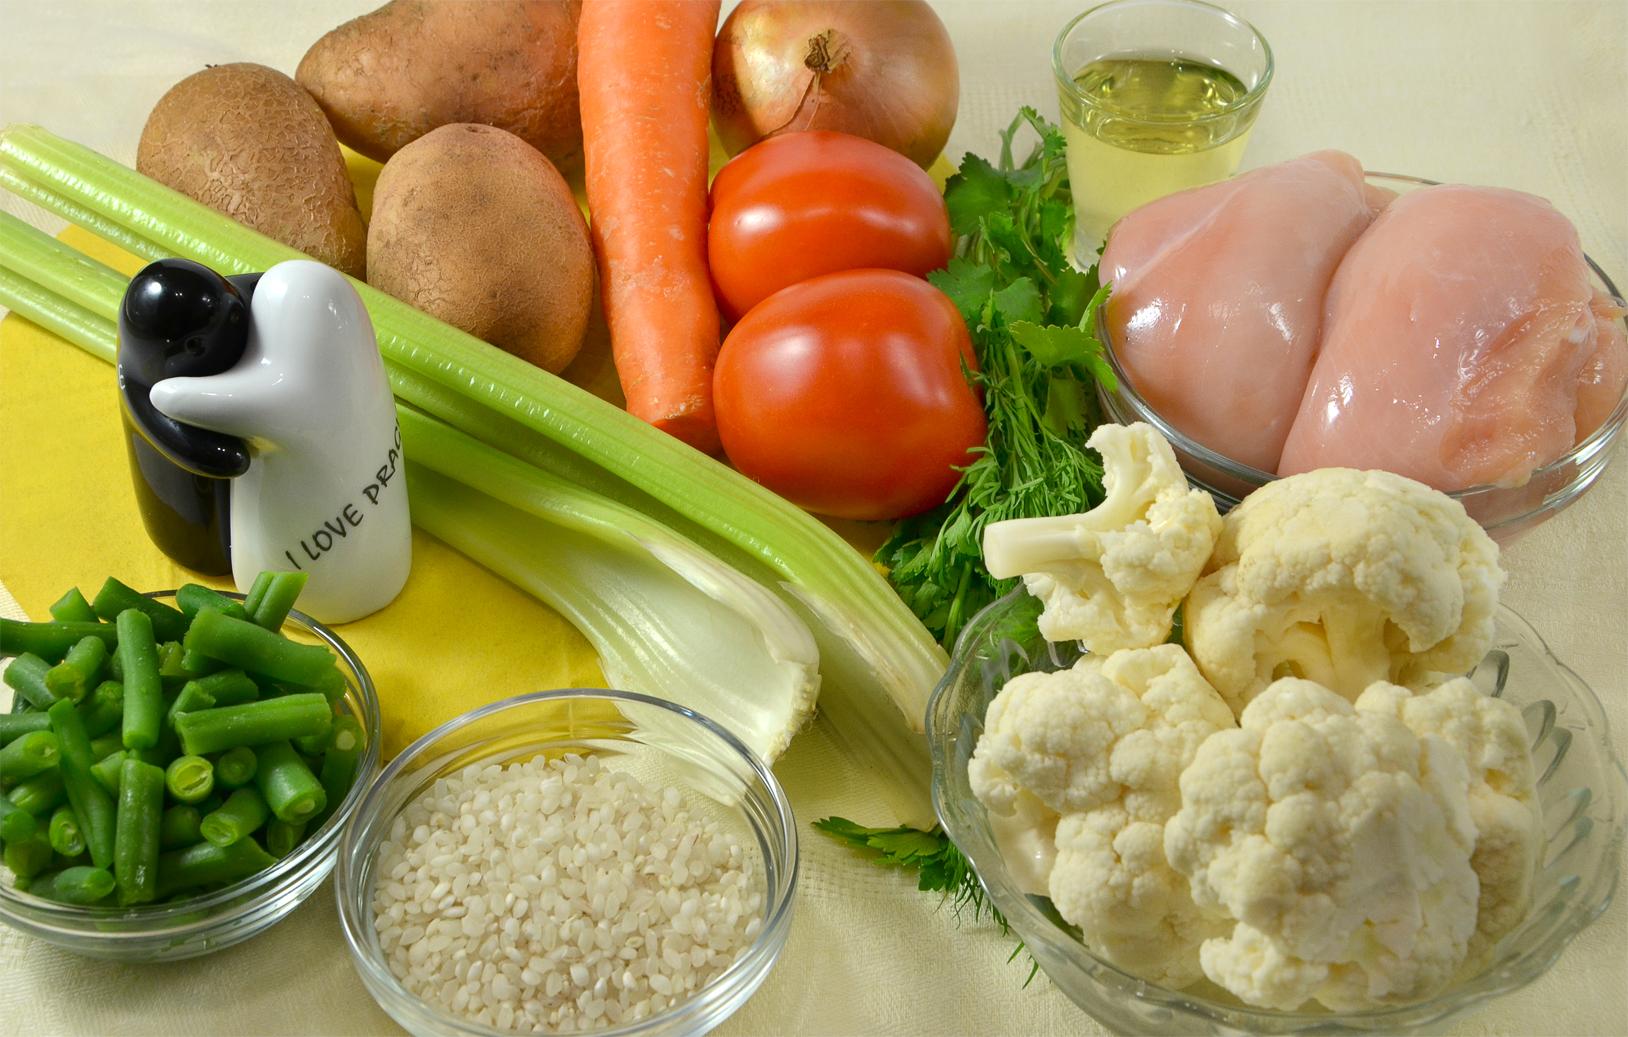 вкусный овощной суп на курином бульоне рецепт с фото